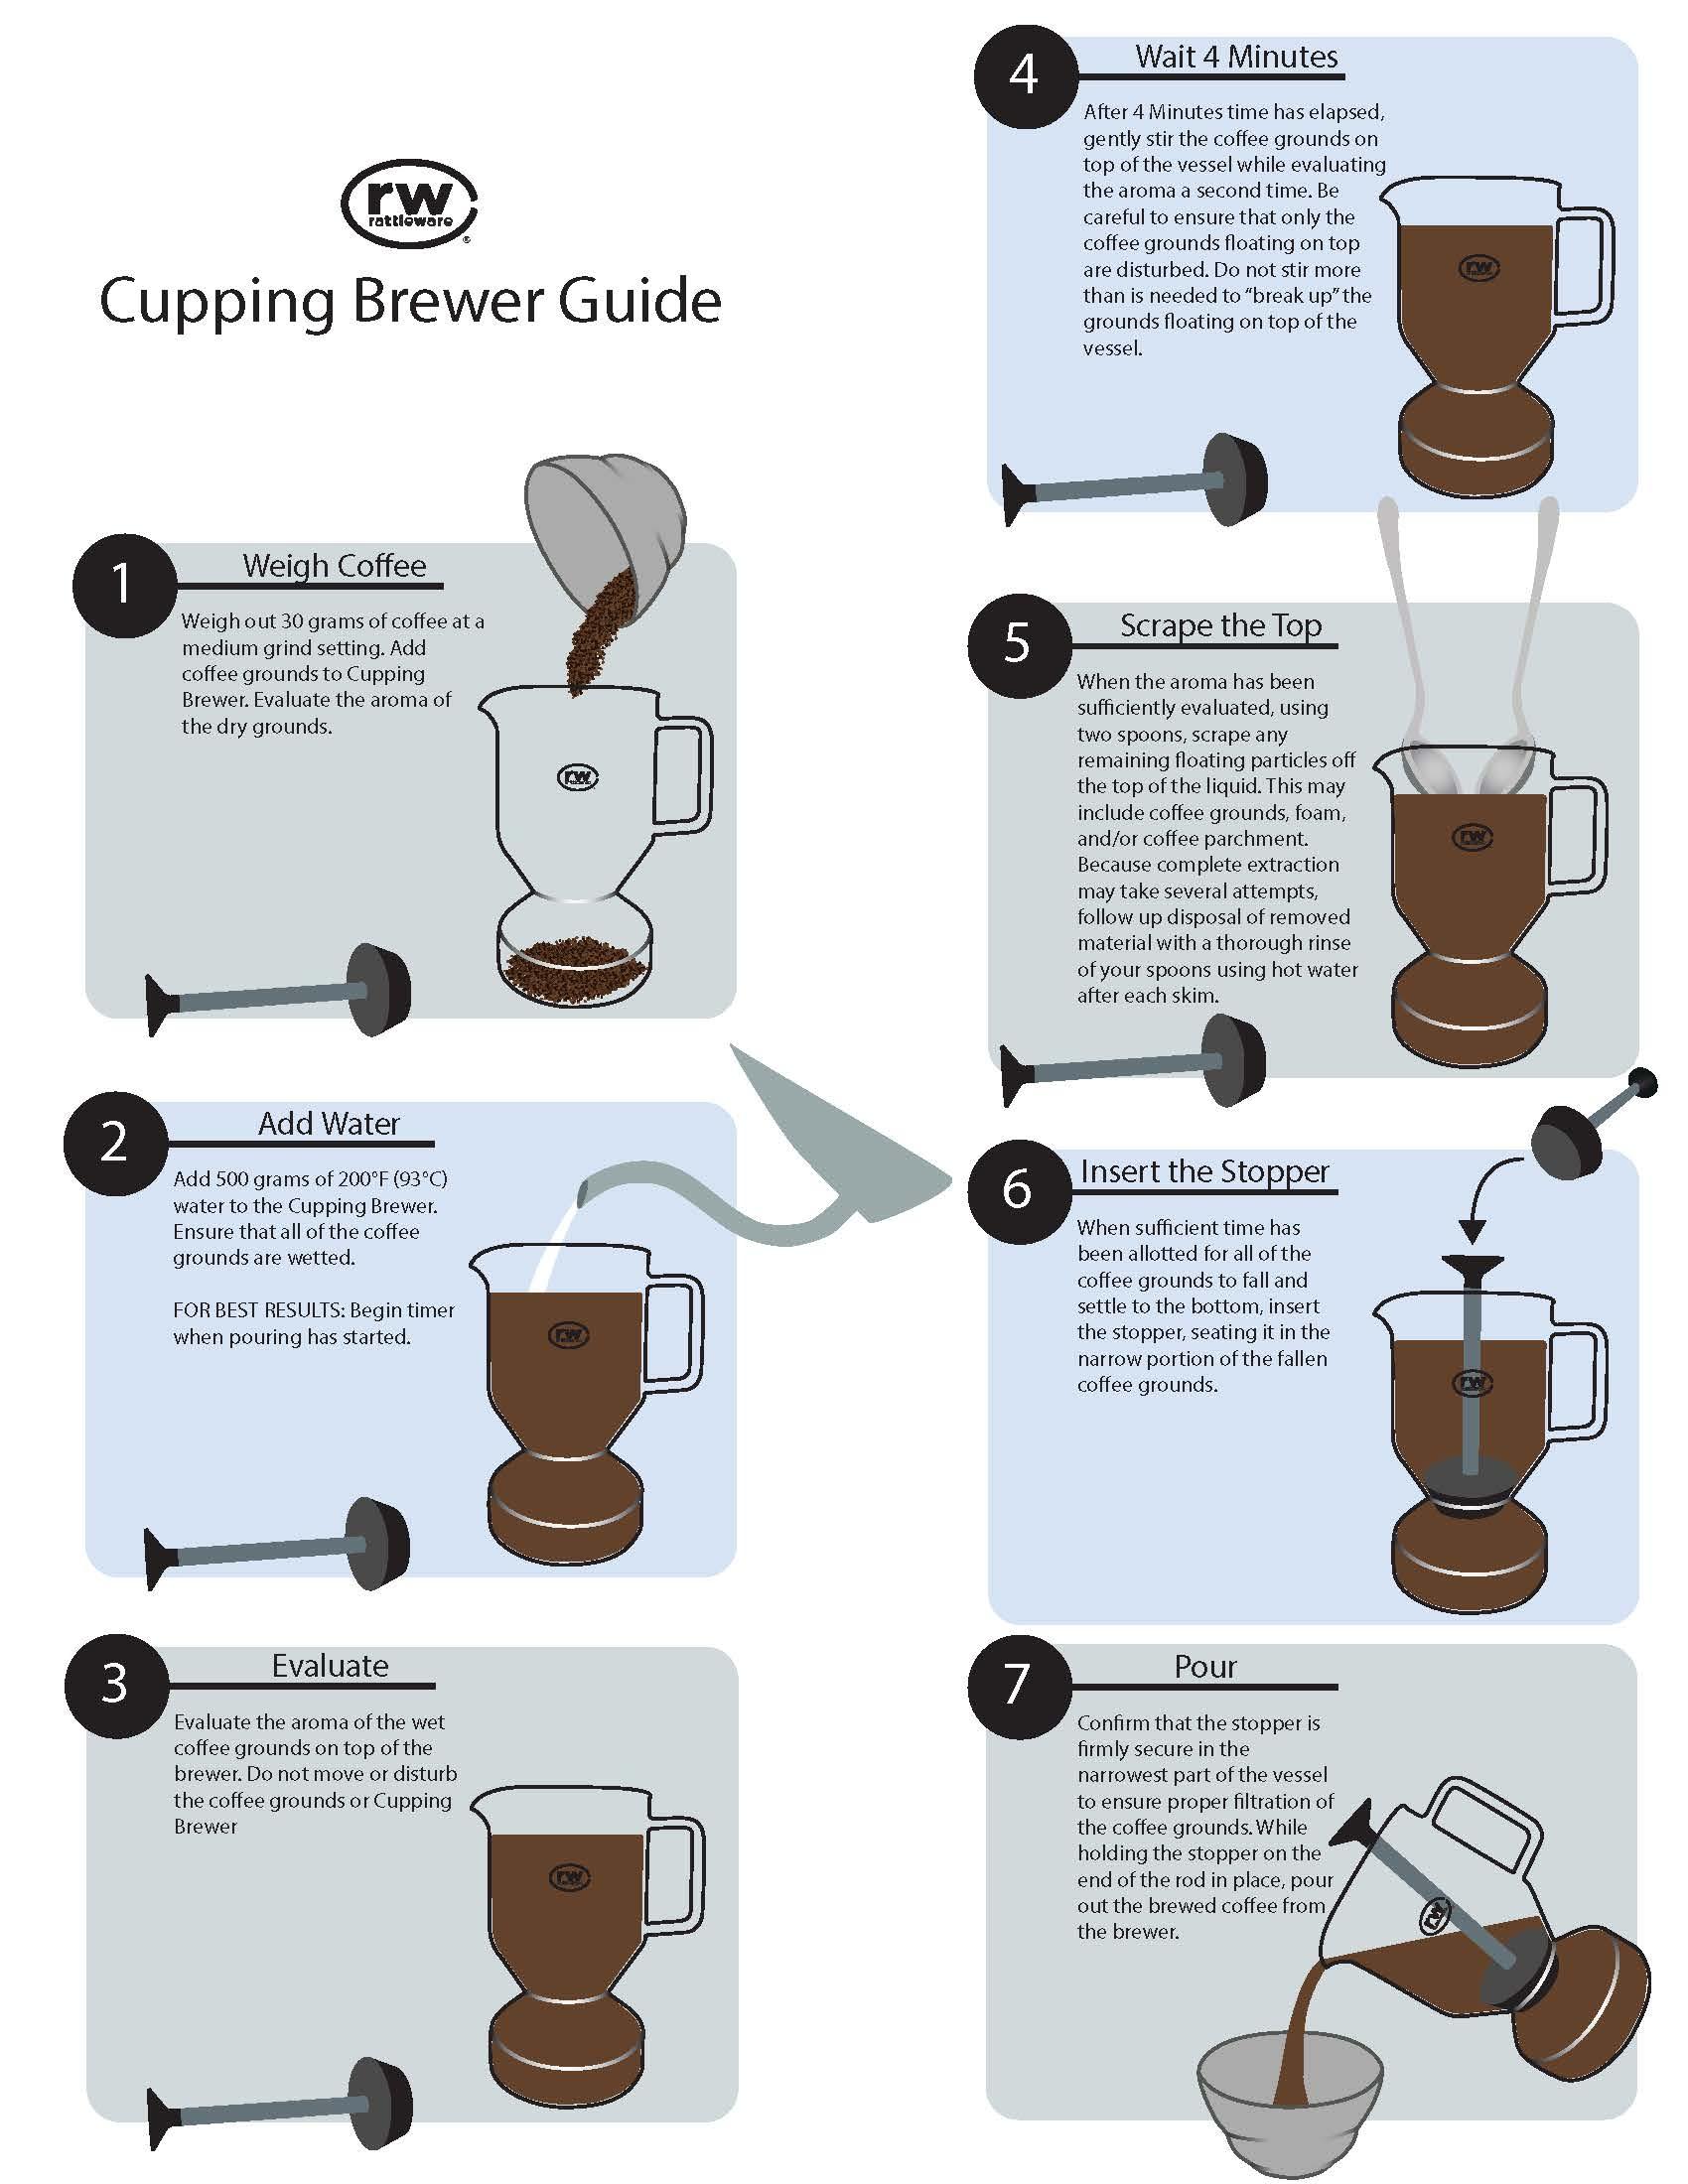 rw-cupping-brewer.jpg